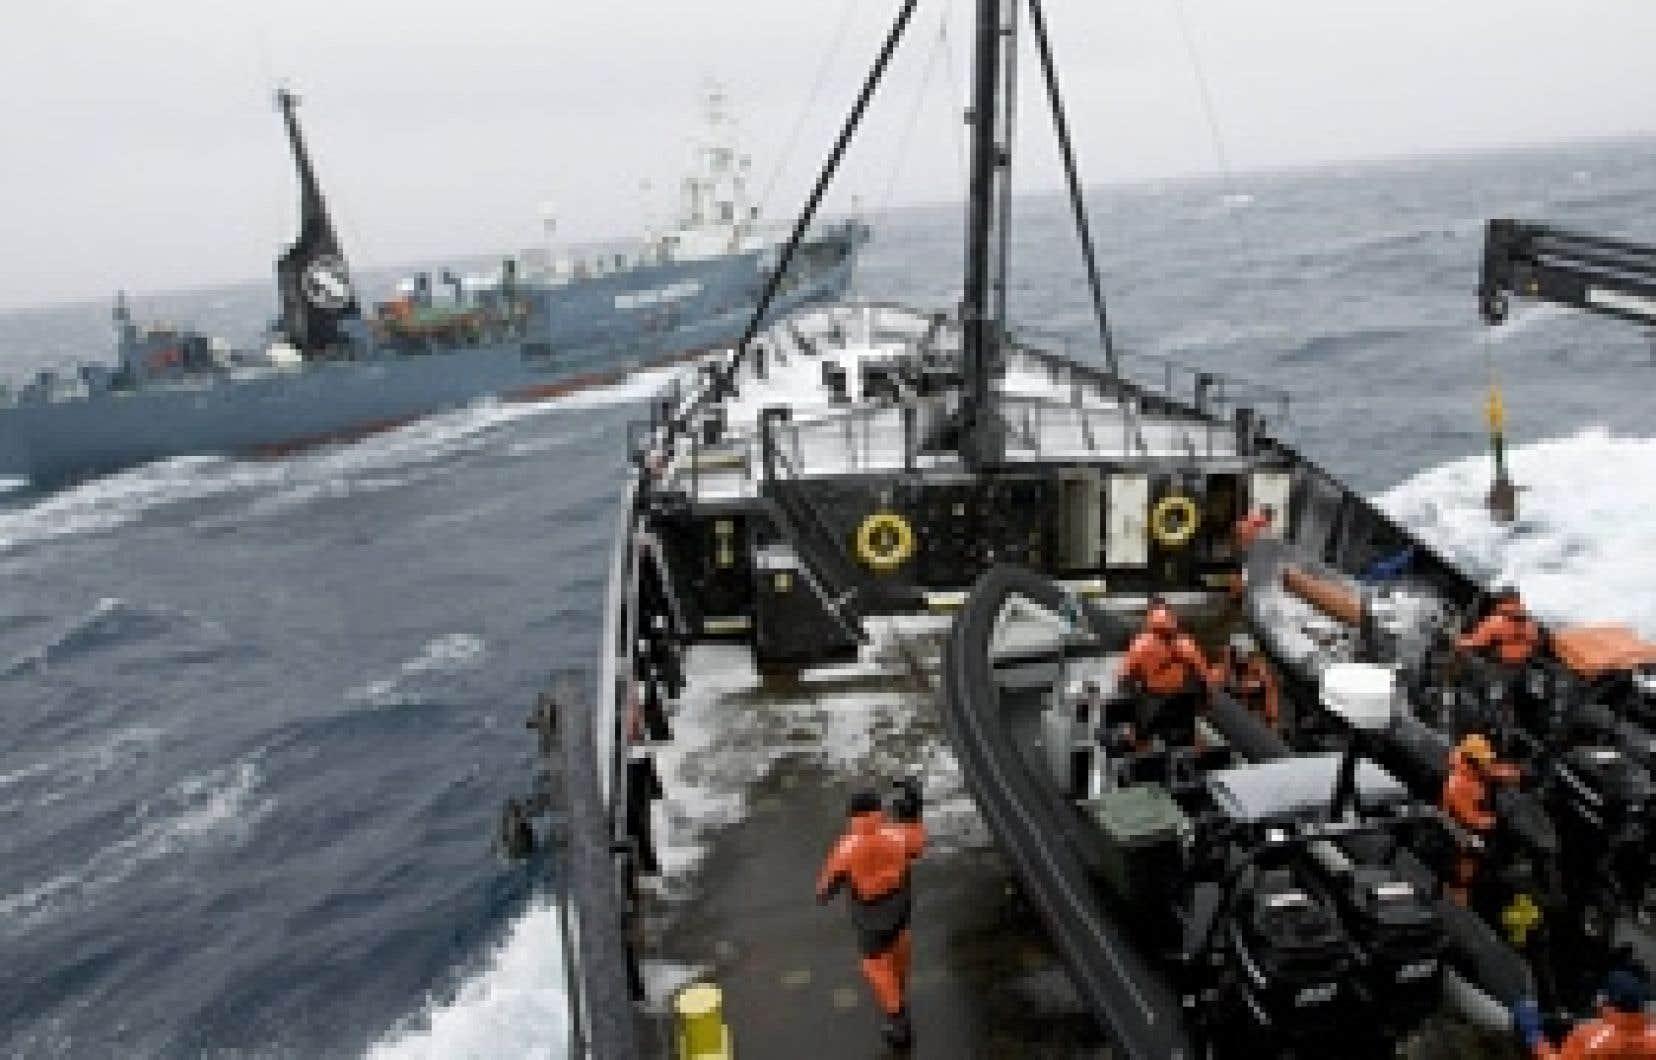 Le groupe animaliste Sea Shepherd a tenté de s'attaquer au navire japonais Yushin Maru 2, en arrière-plan, vendredi. Le Japon justifie la mise à mort de petits rorquals et de rorquals communs en prétextant que cela est essentiel pour mieux connaît